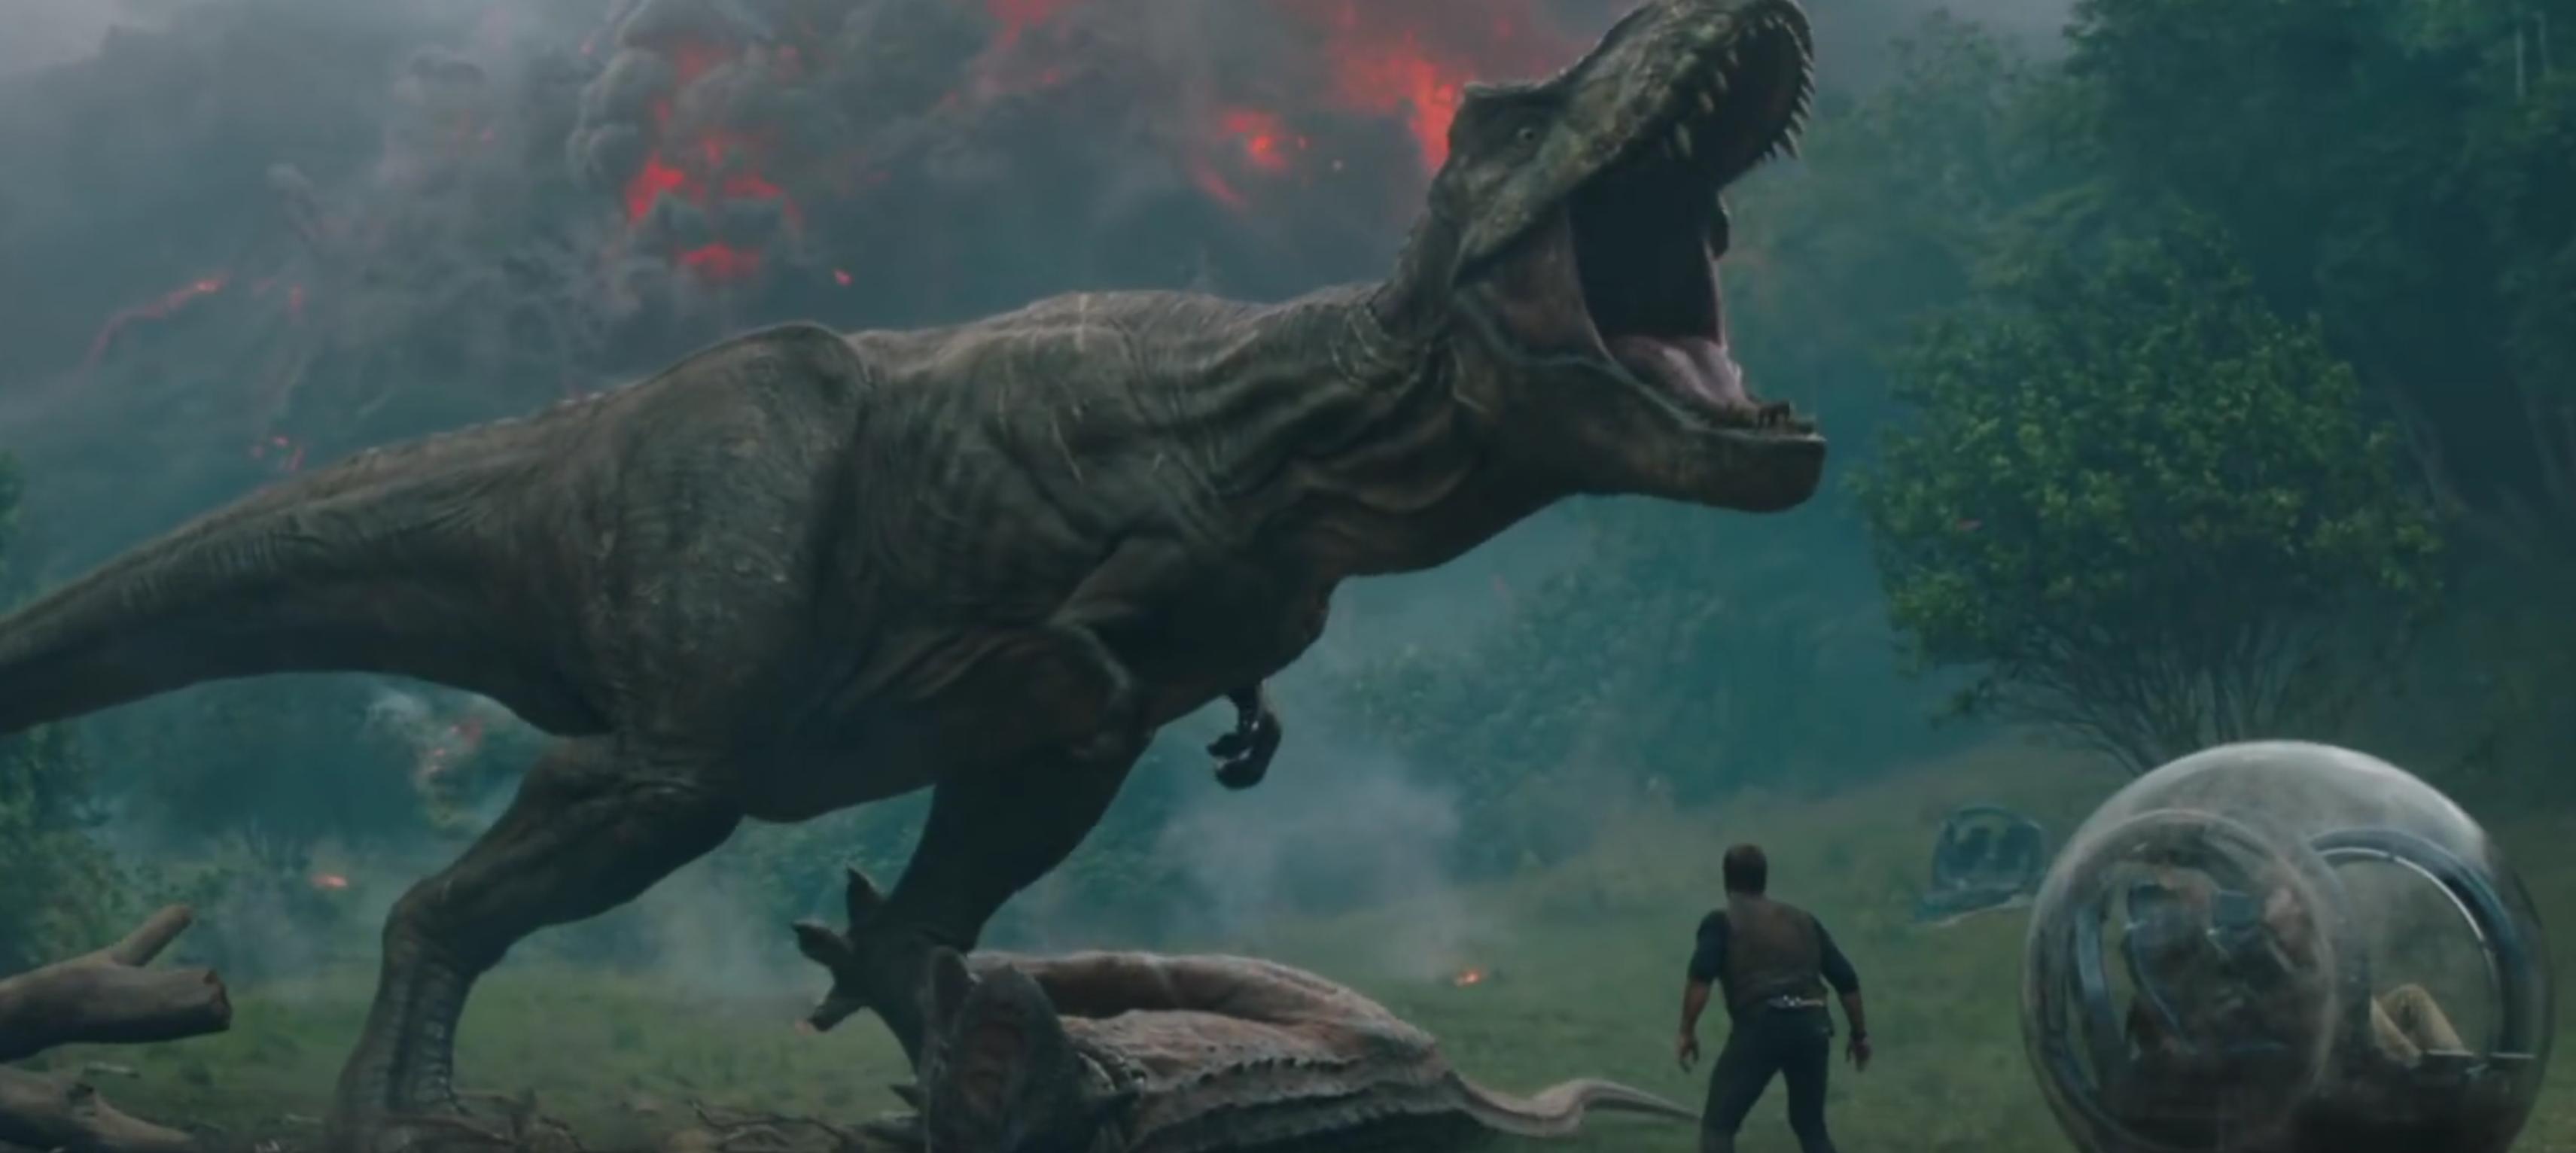 Jurassic World sequel trailer